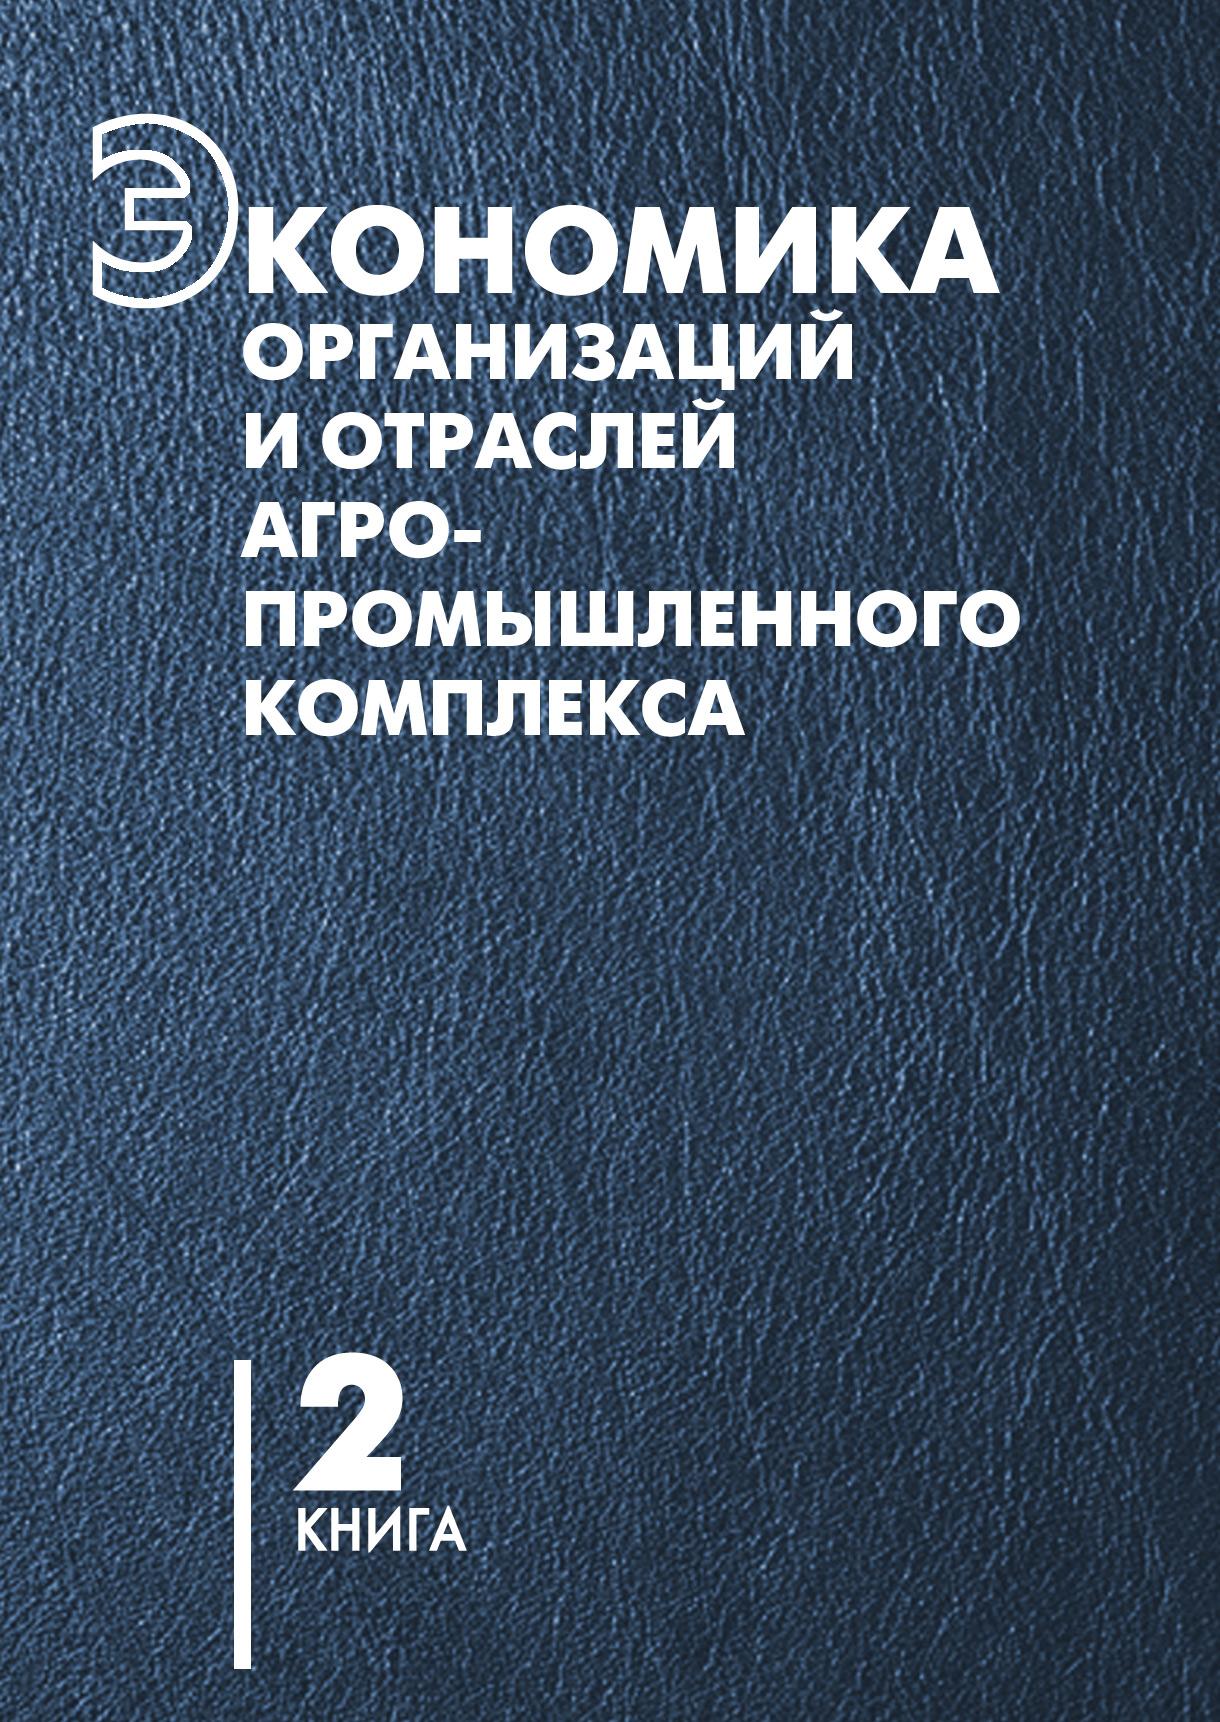 В. Г. Гусаков Экономика организаций и отраслей агропромышленного комплекса. Книга 2 анастасия сафронова механизмы инновационного развития отраслей промышленности